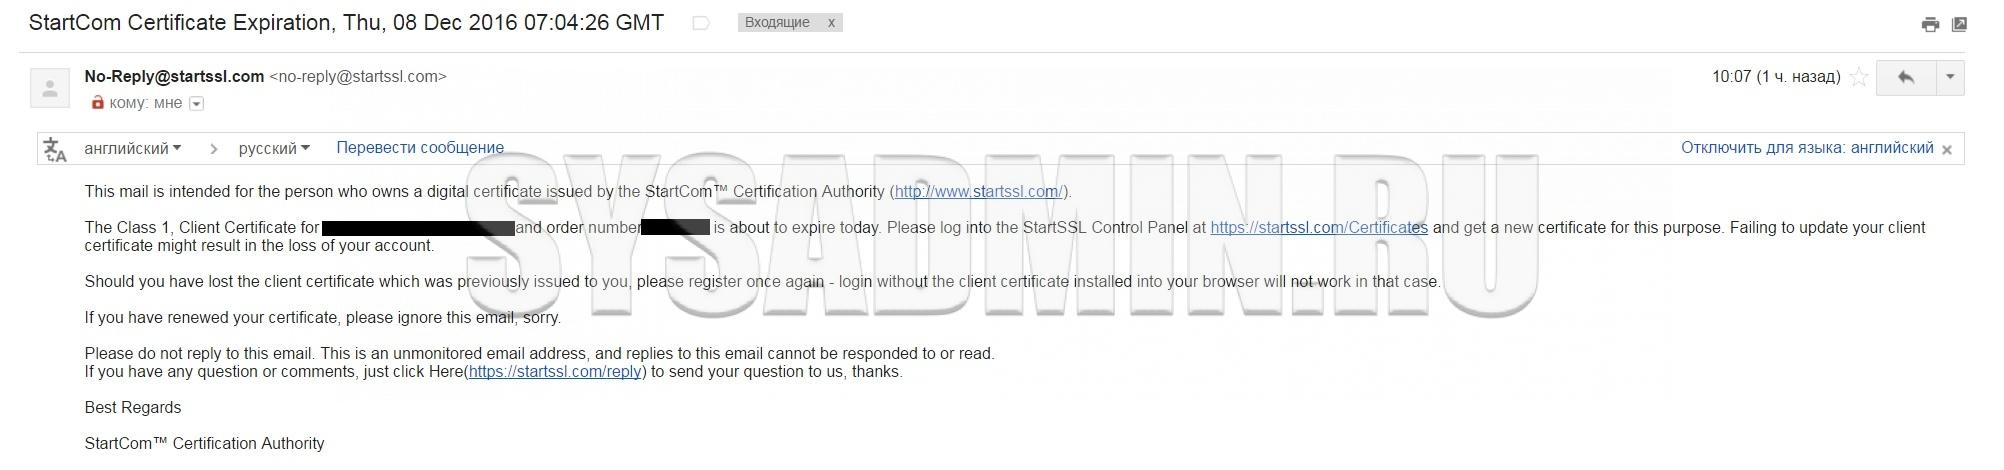 Обновление сертификата StartCom